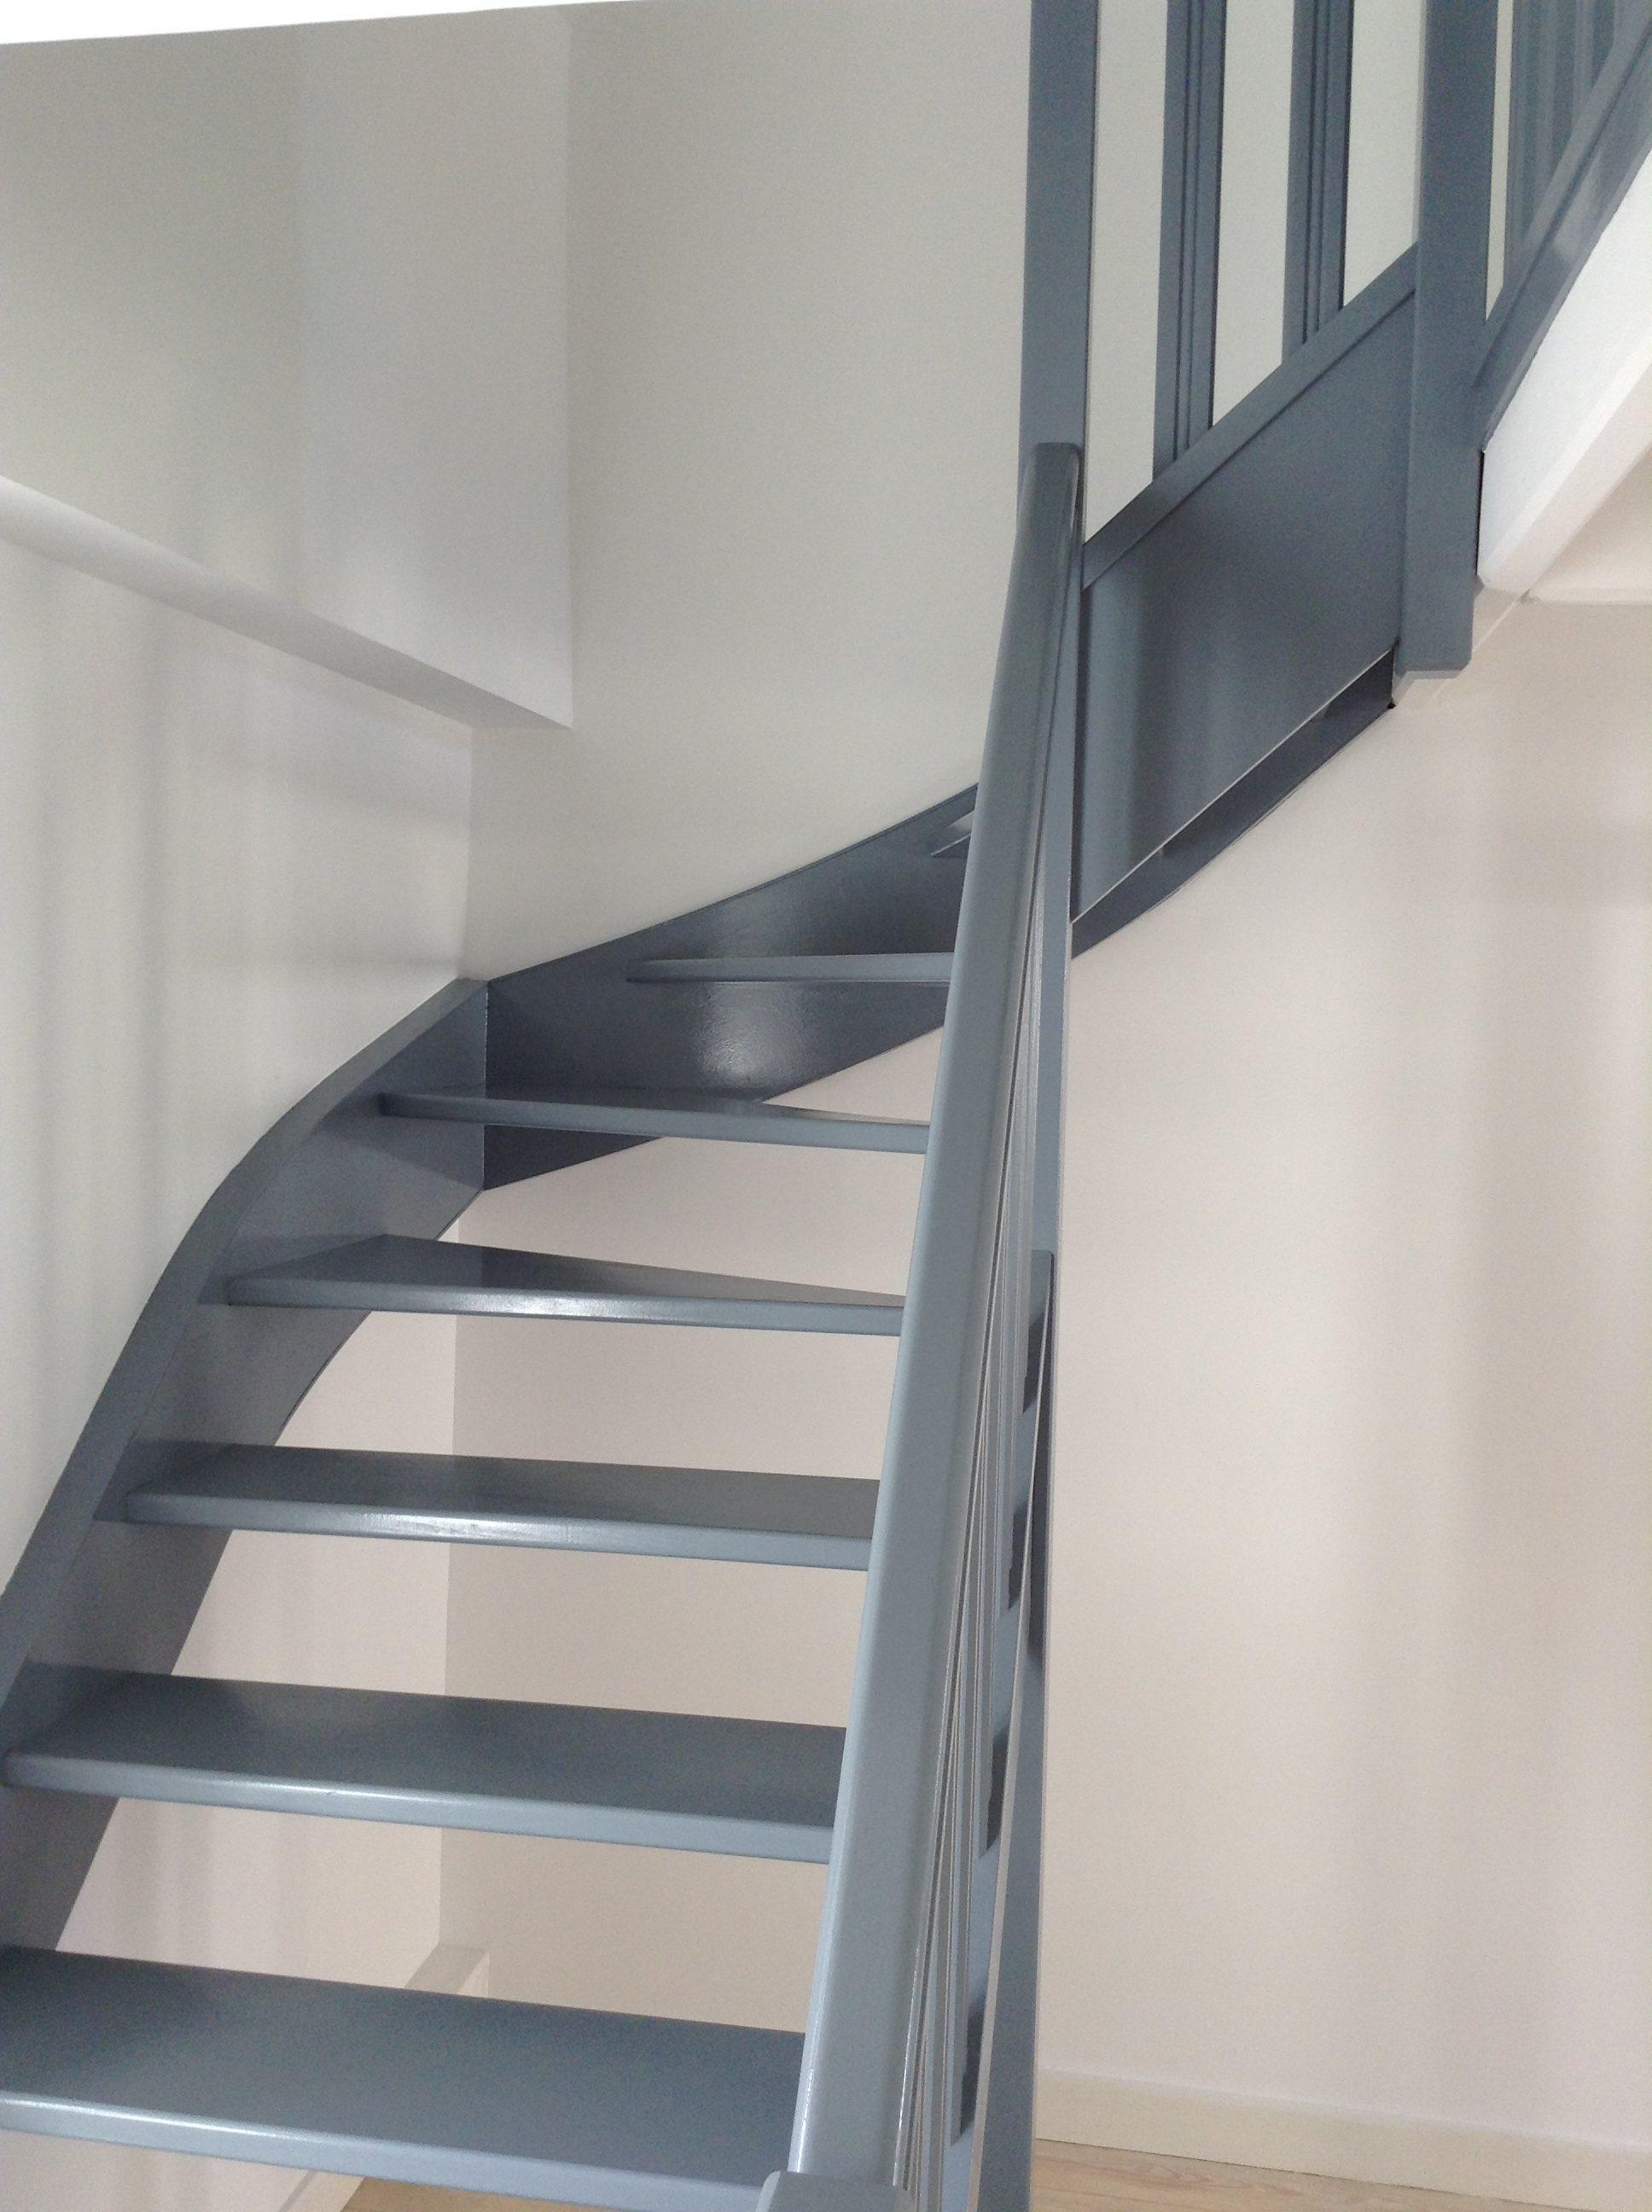 Fenêtre, porte, bâtis, escalier